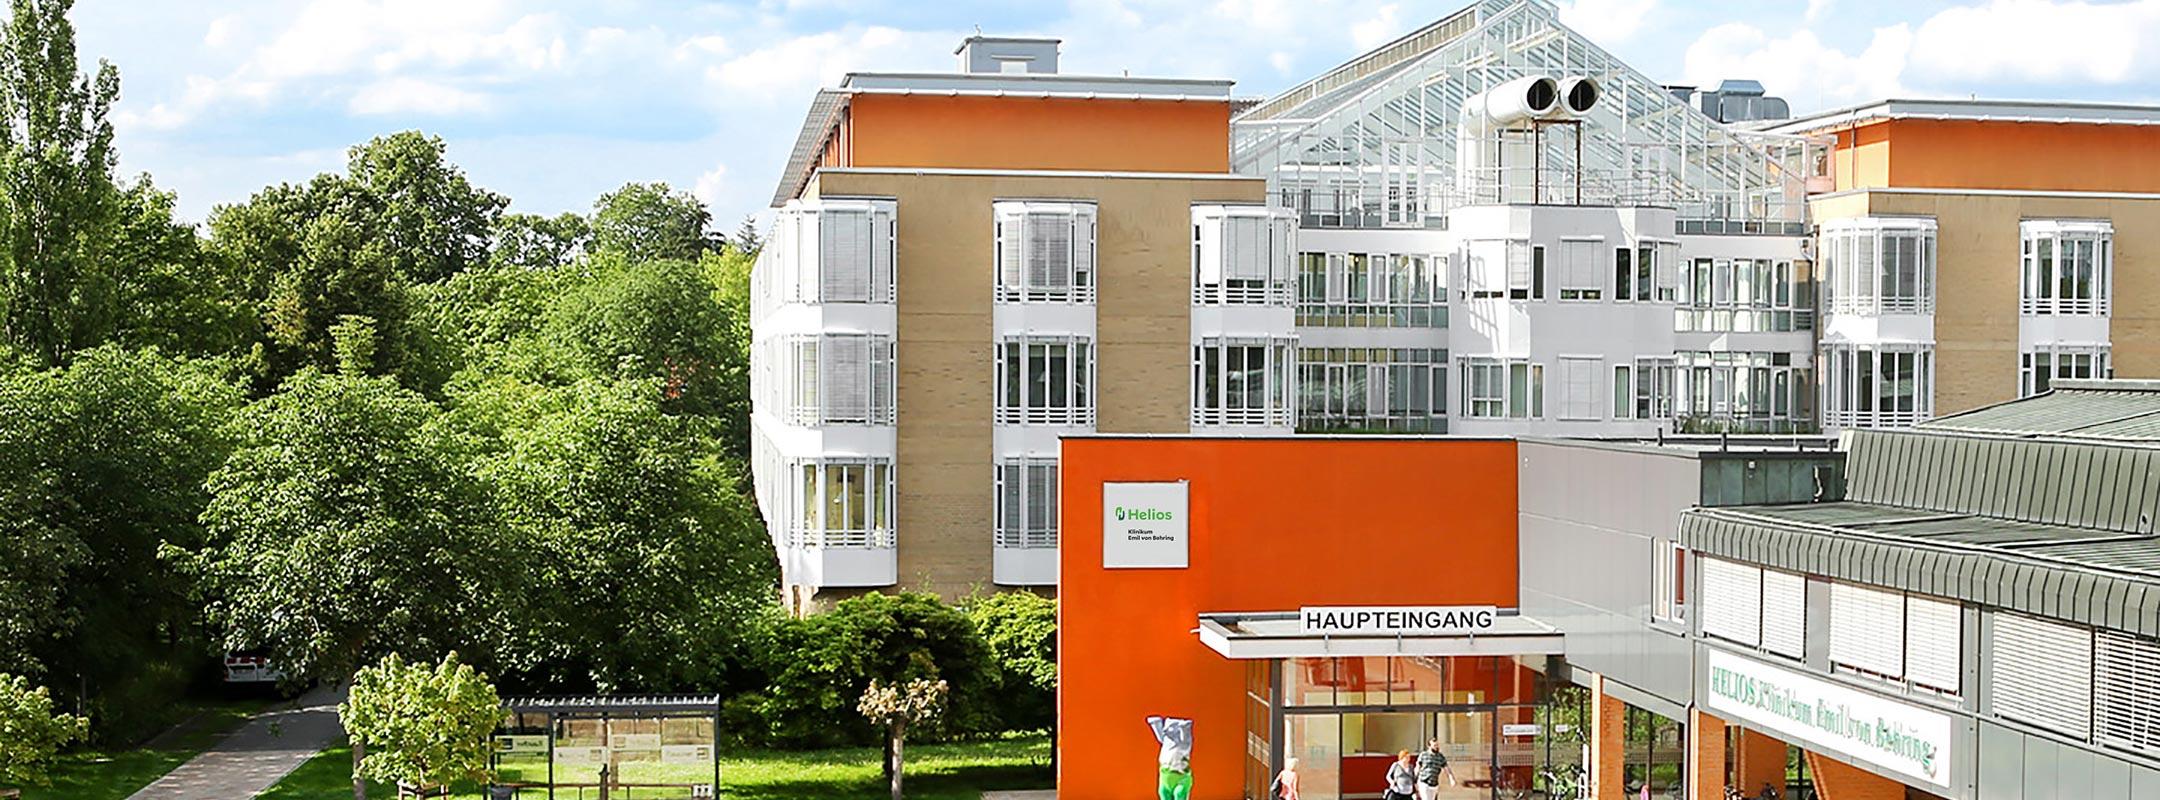 Helios Klinikum Emil von Behring